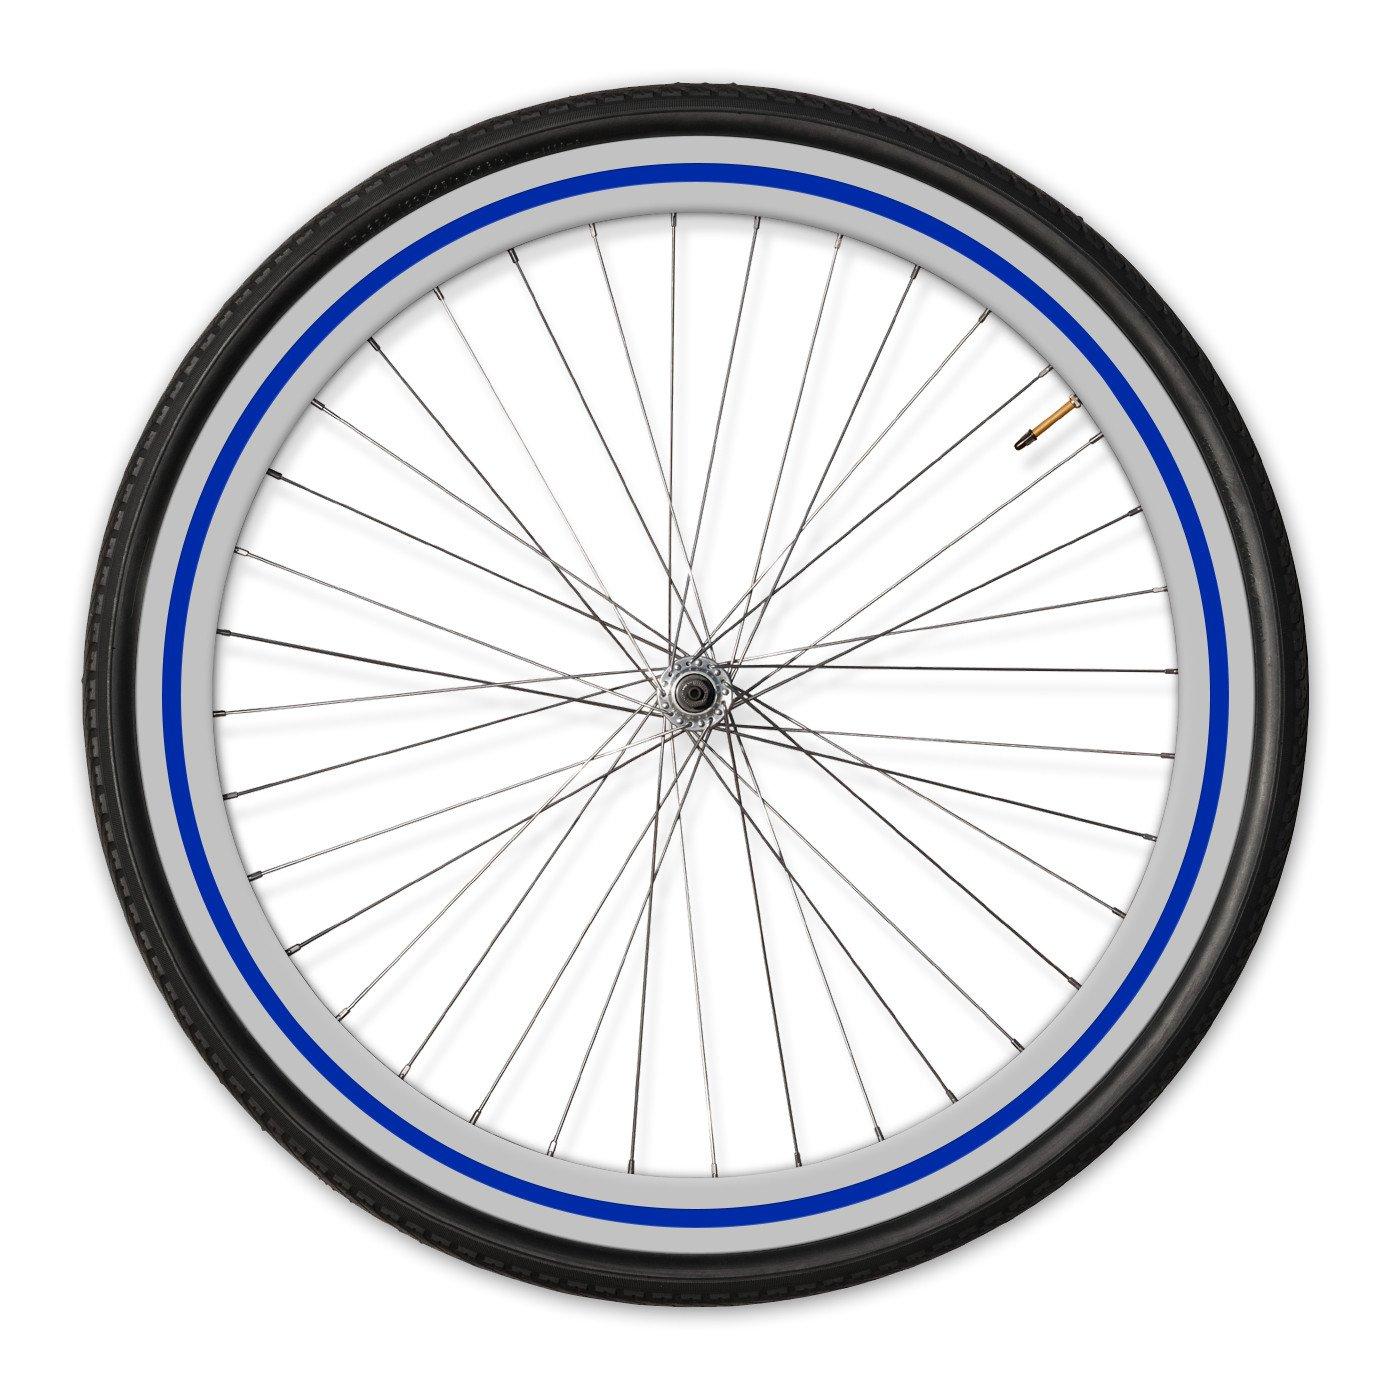 1386x1385 Rimskins Deep (43 Mm) Bike Wheels State Bicycle Co.